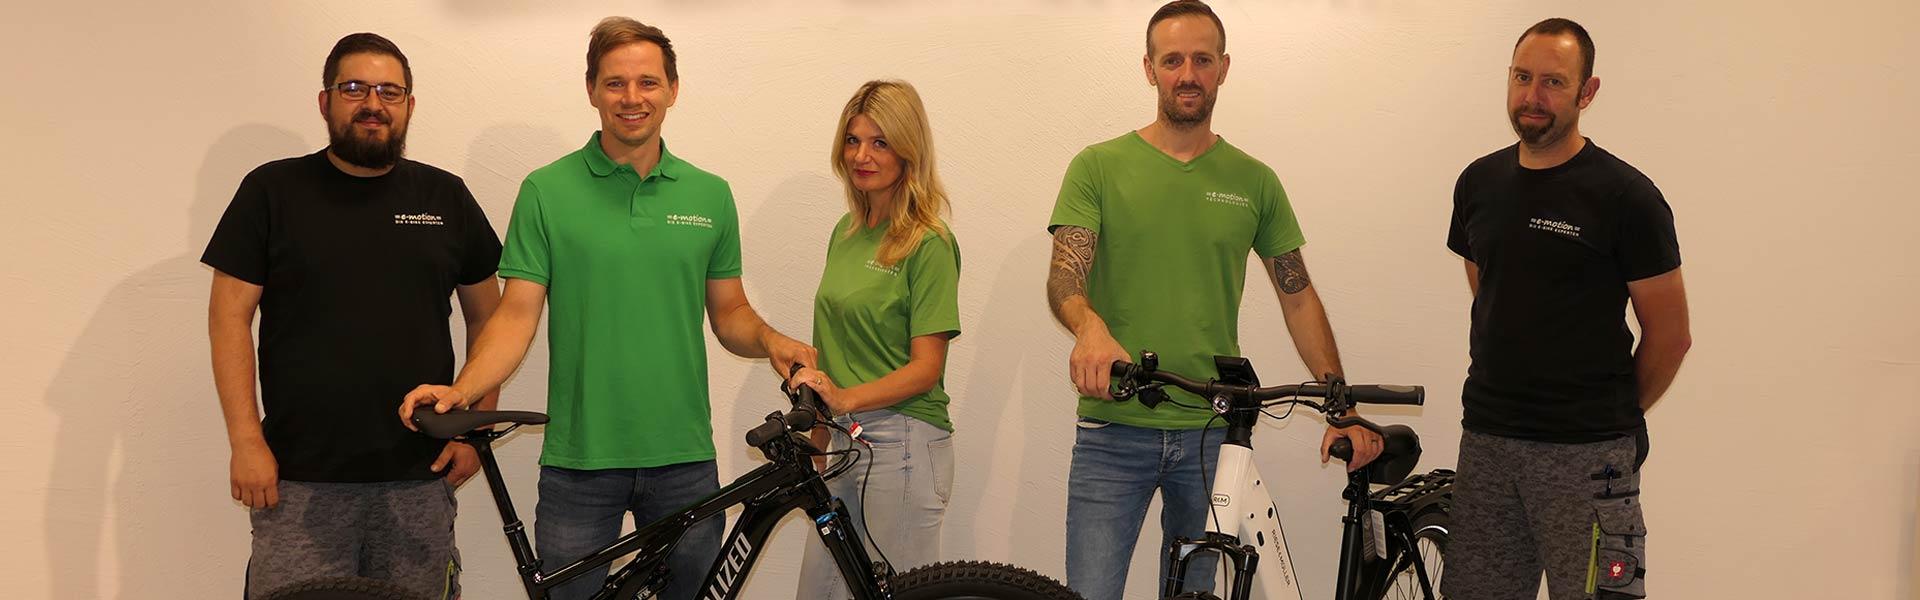 Das Team der e-motion e-Bike Welt Pforzheim freut sich auf deinen Besuch